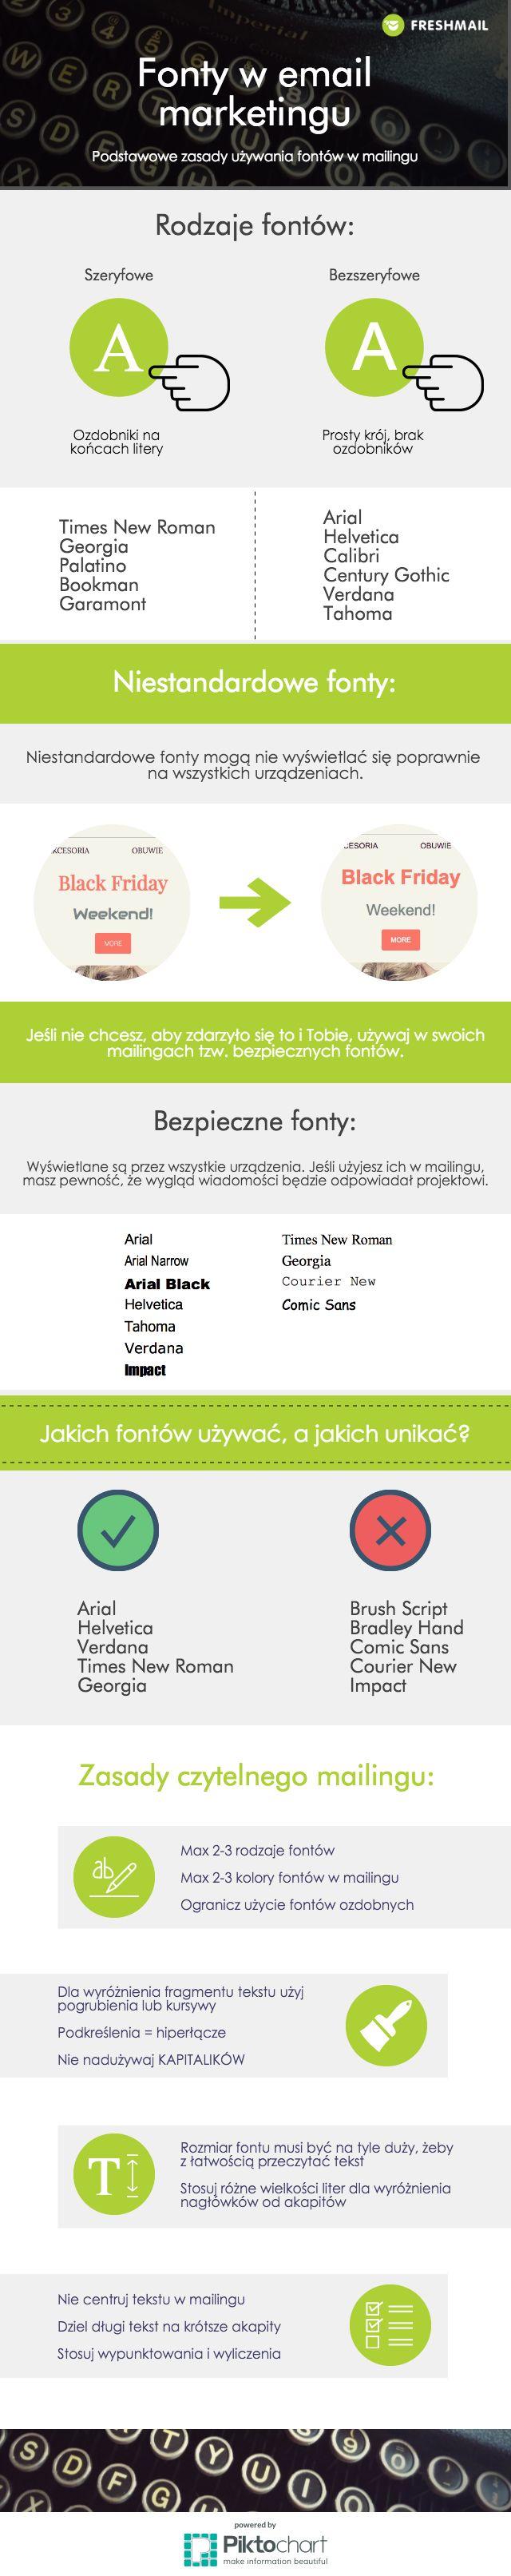 fonty w email marketingu